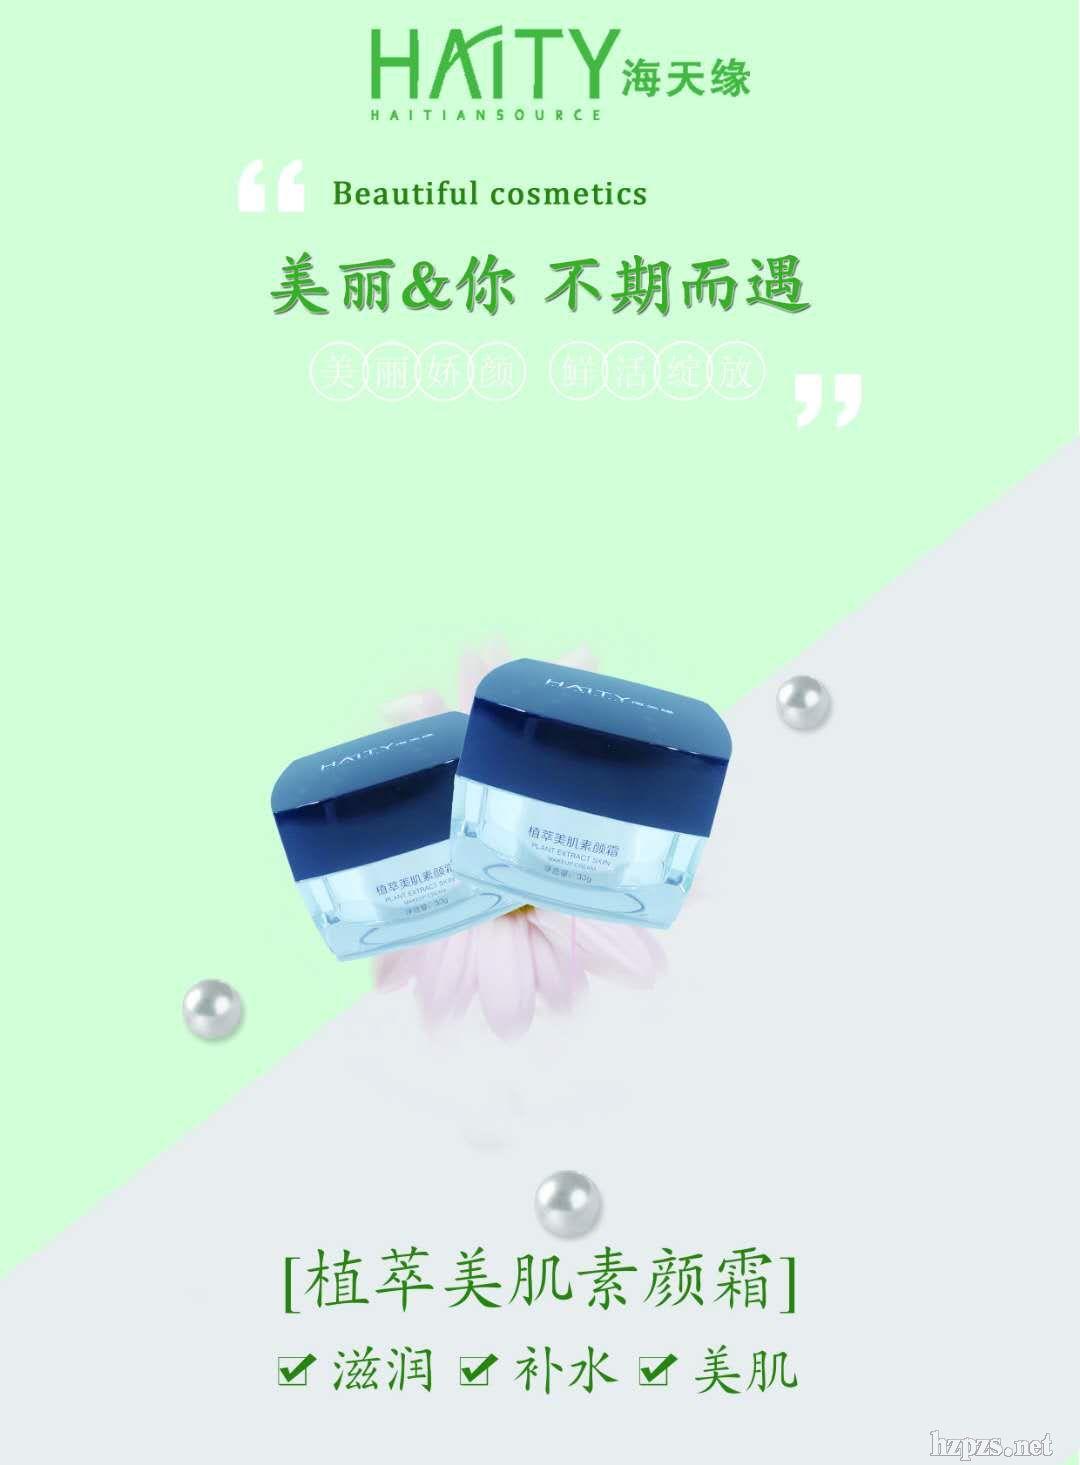 厂家批发乐虎国际维一官网、海天缘植萃美肌素颜霜定制厂家